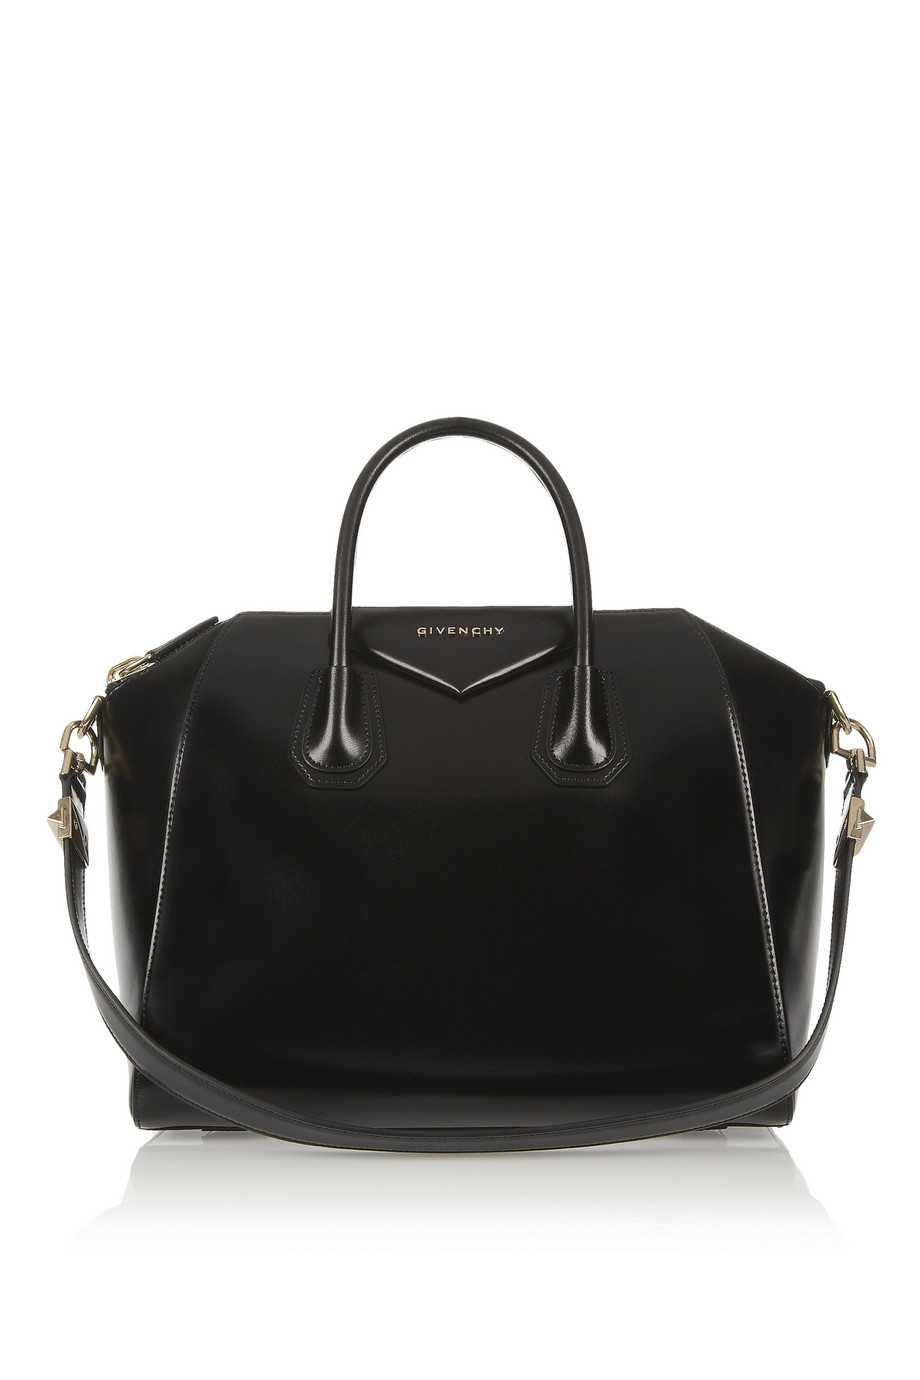 Givenchy - Sac(1490 €)